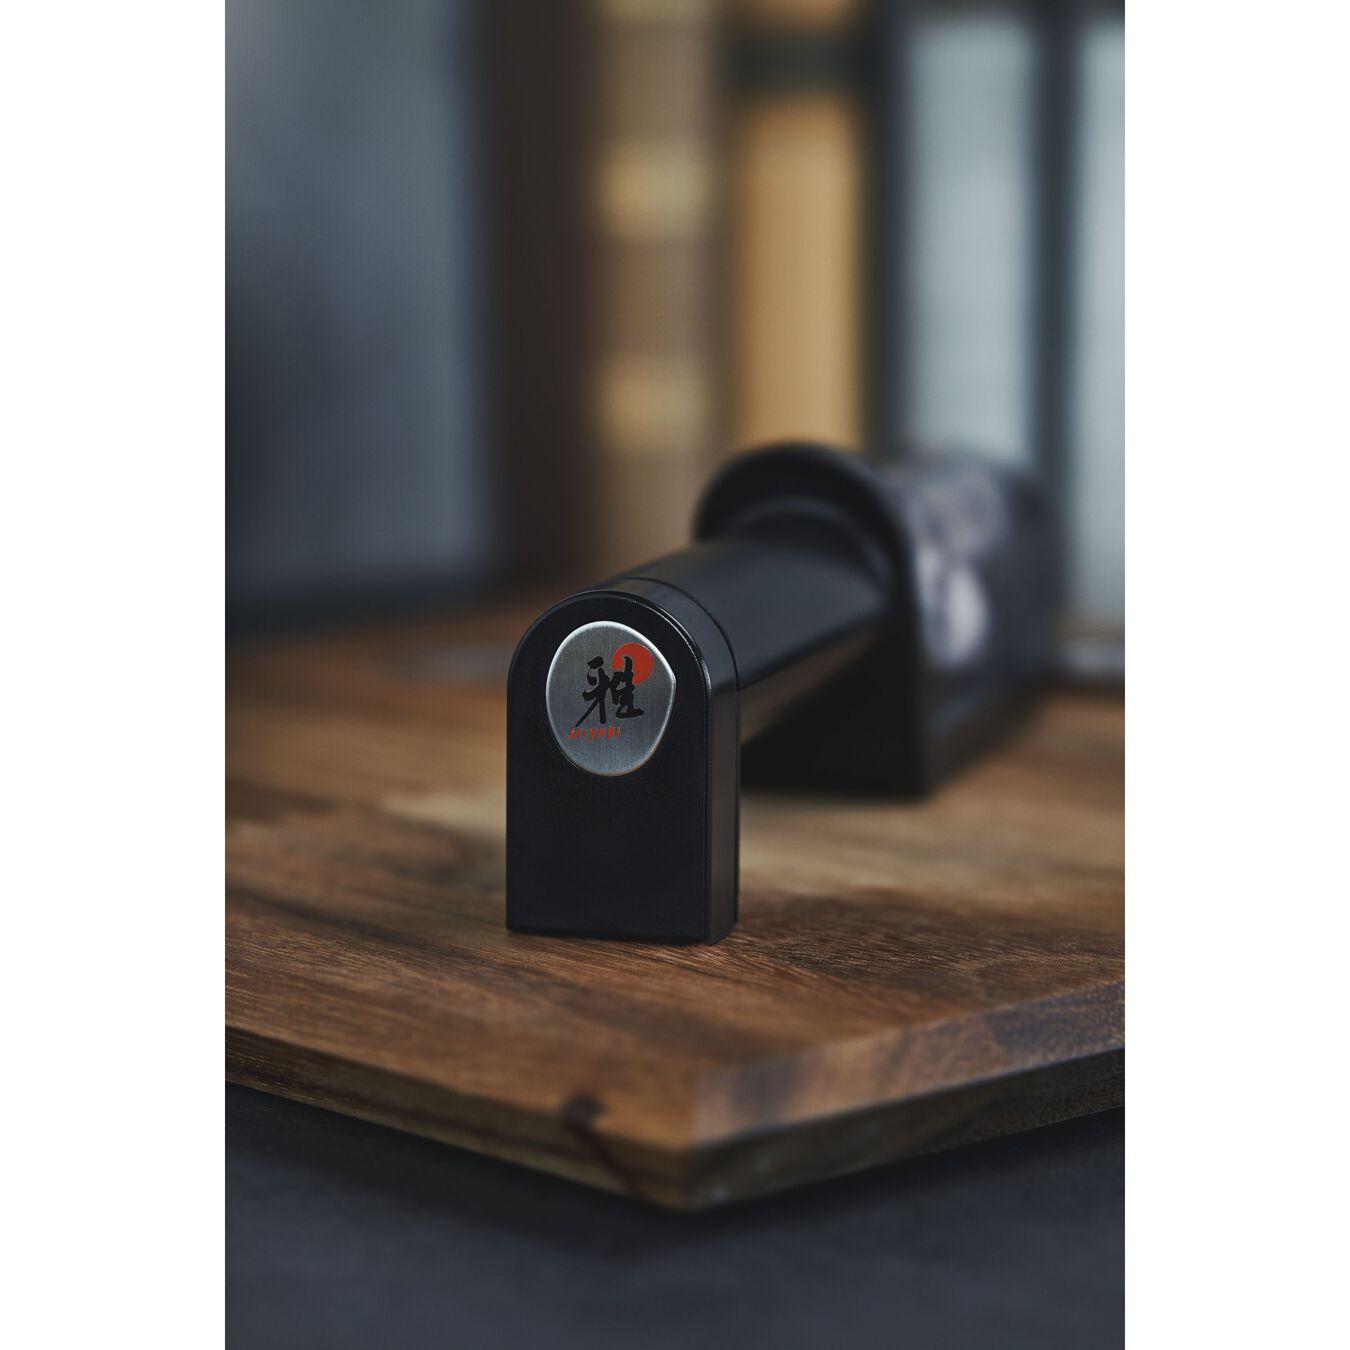 Knife sharpener ceramic discs, 21 cm | black | ceramic,,large 3